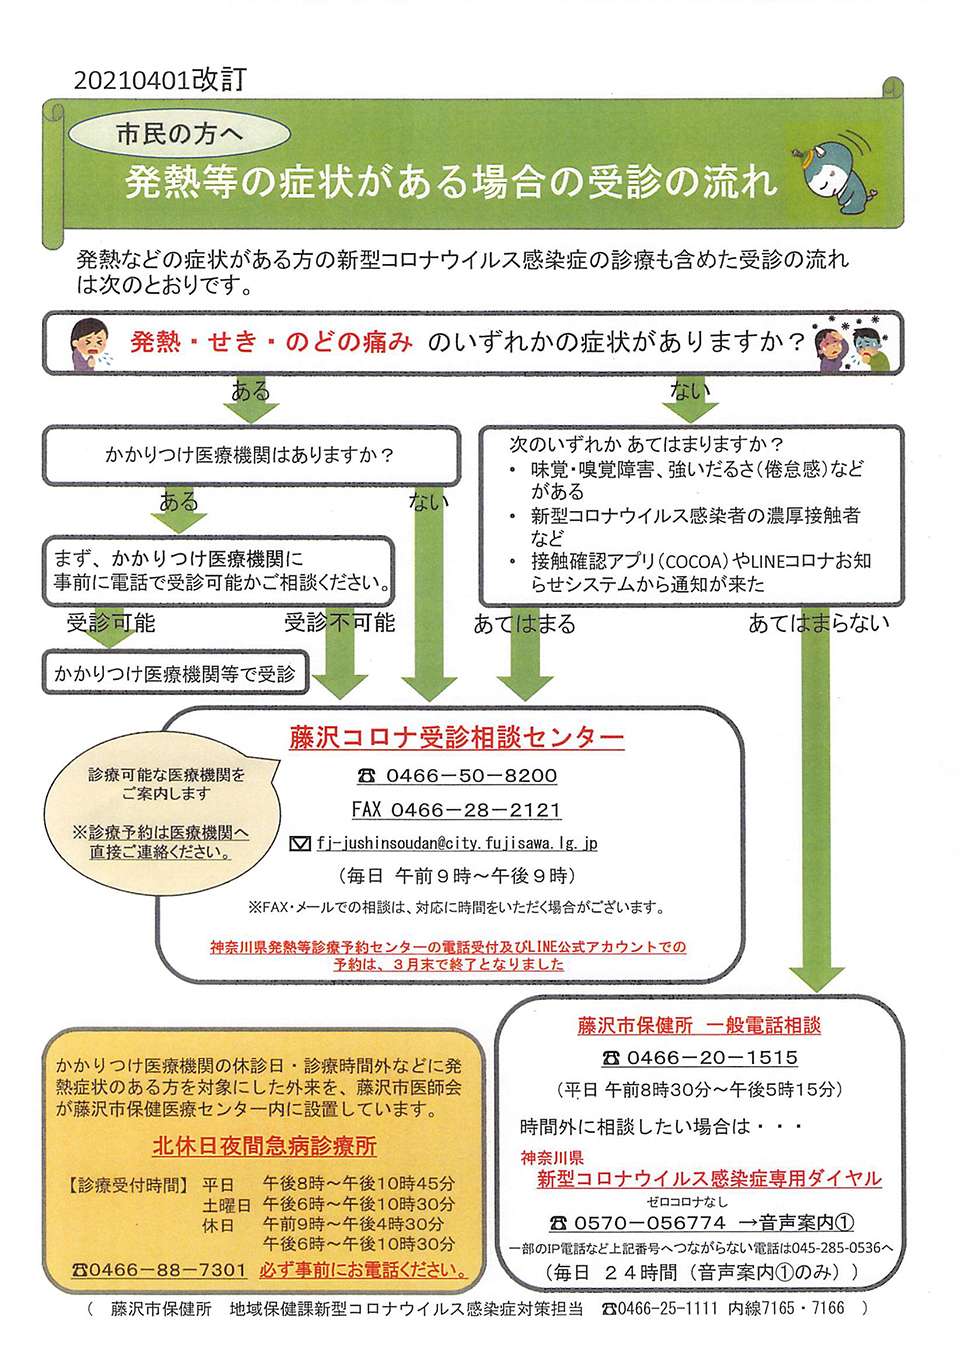 藤沢市での受診の流れ